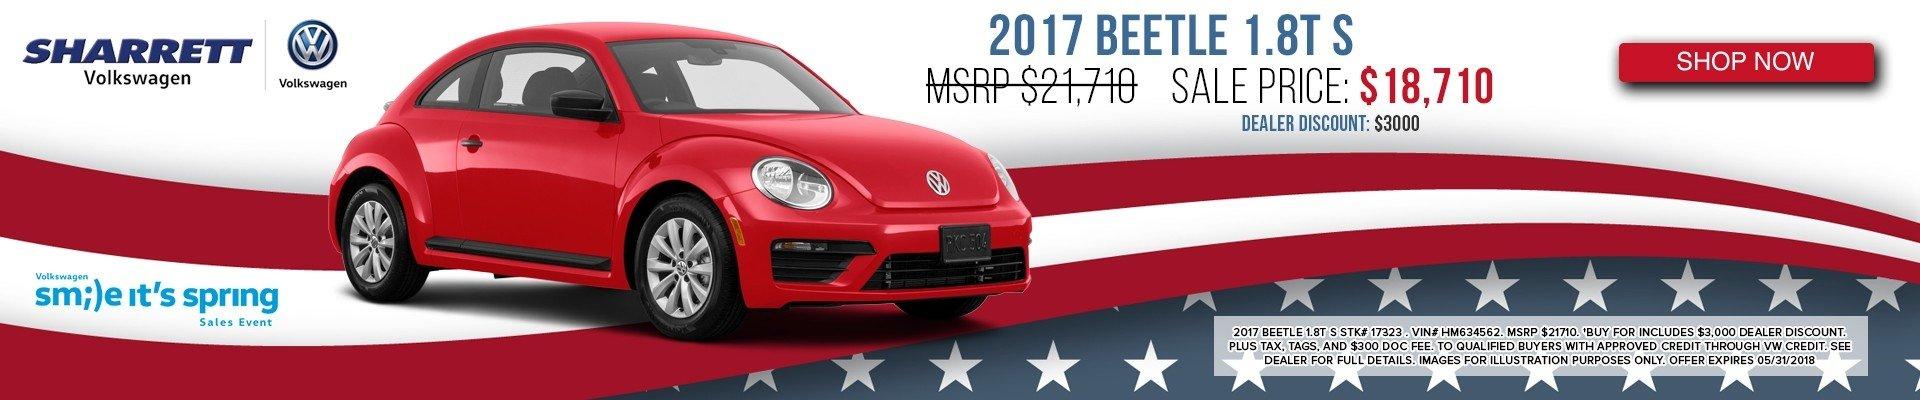 2017 Beetle 1.8TS